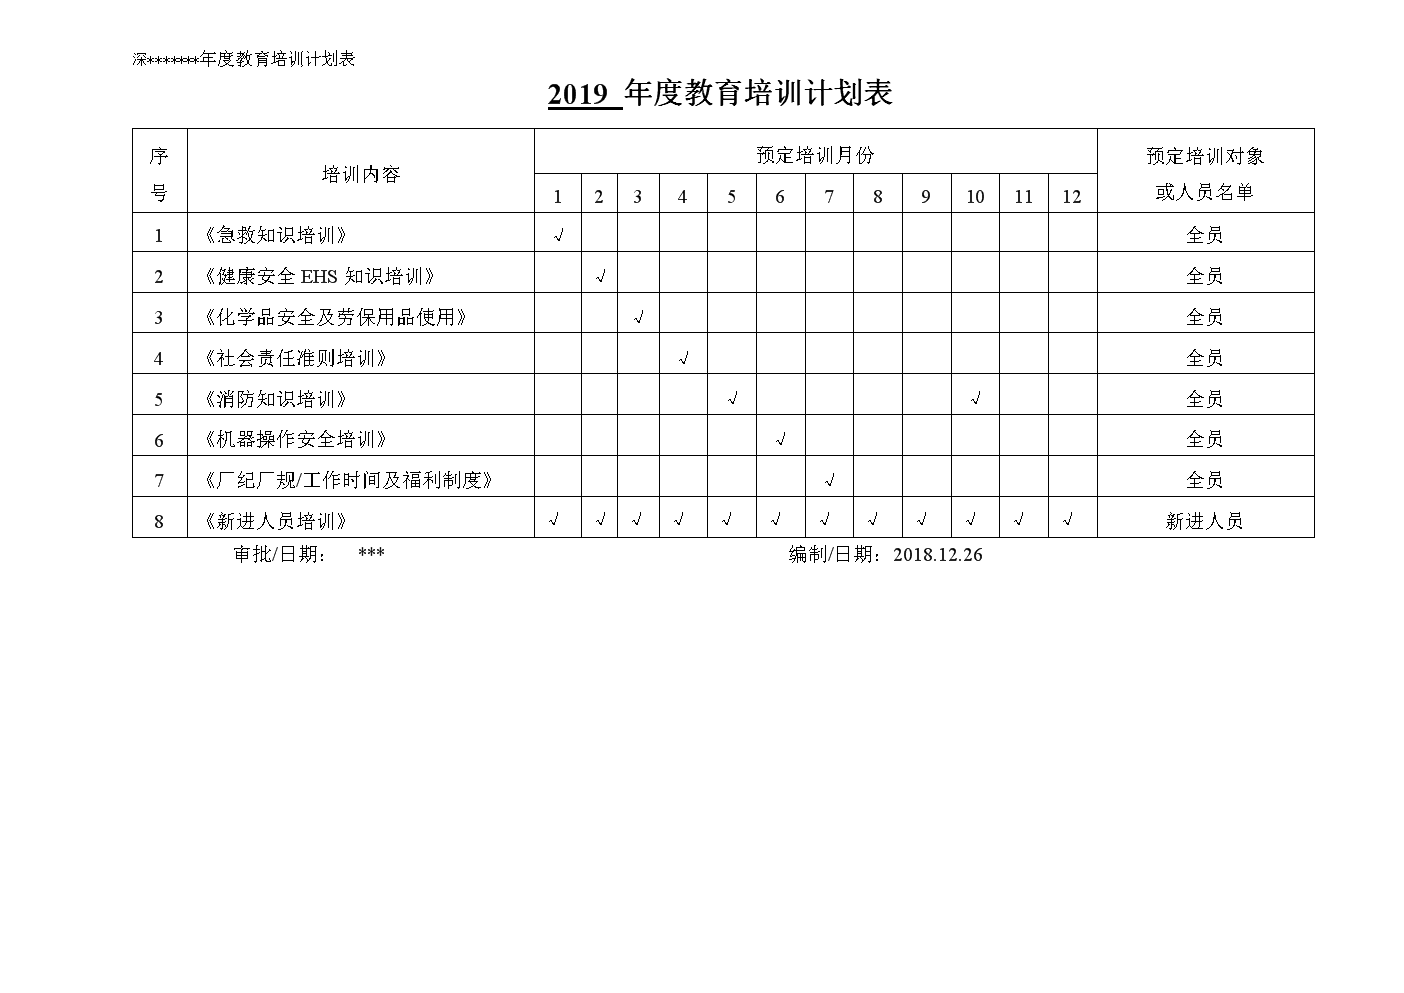 19年度培训计划表.doc